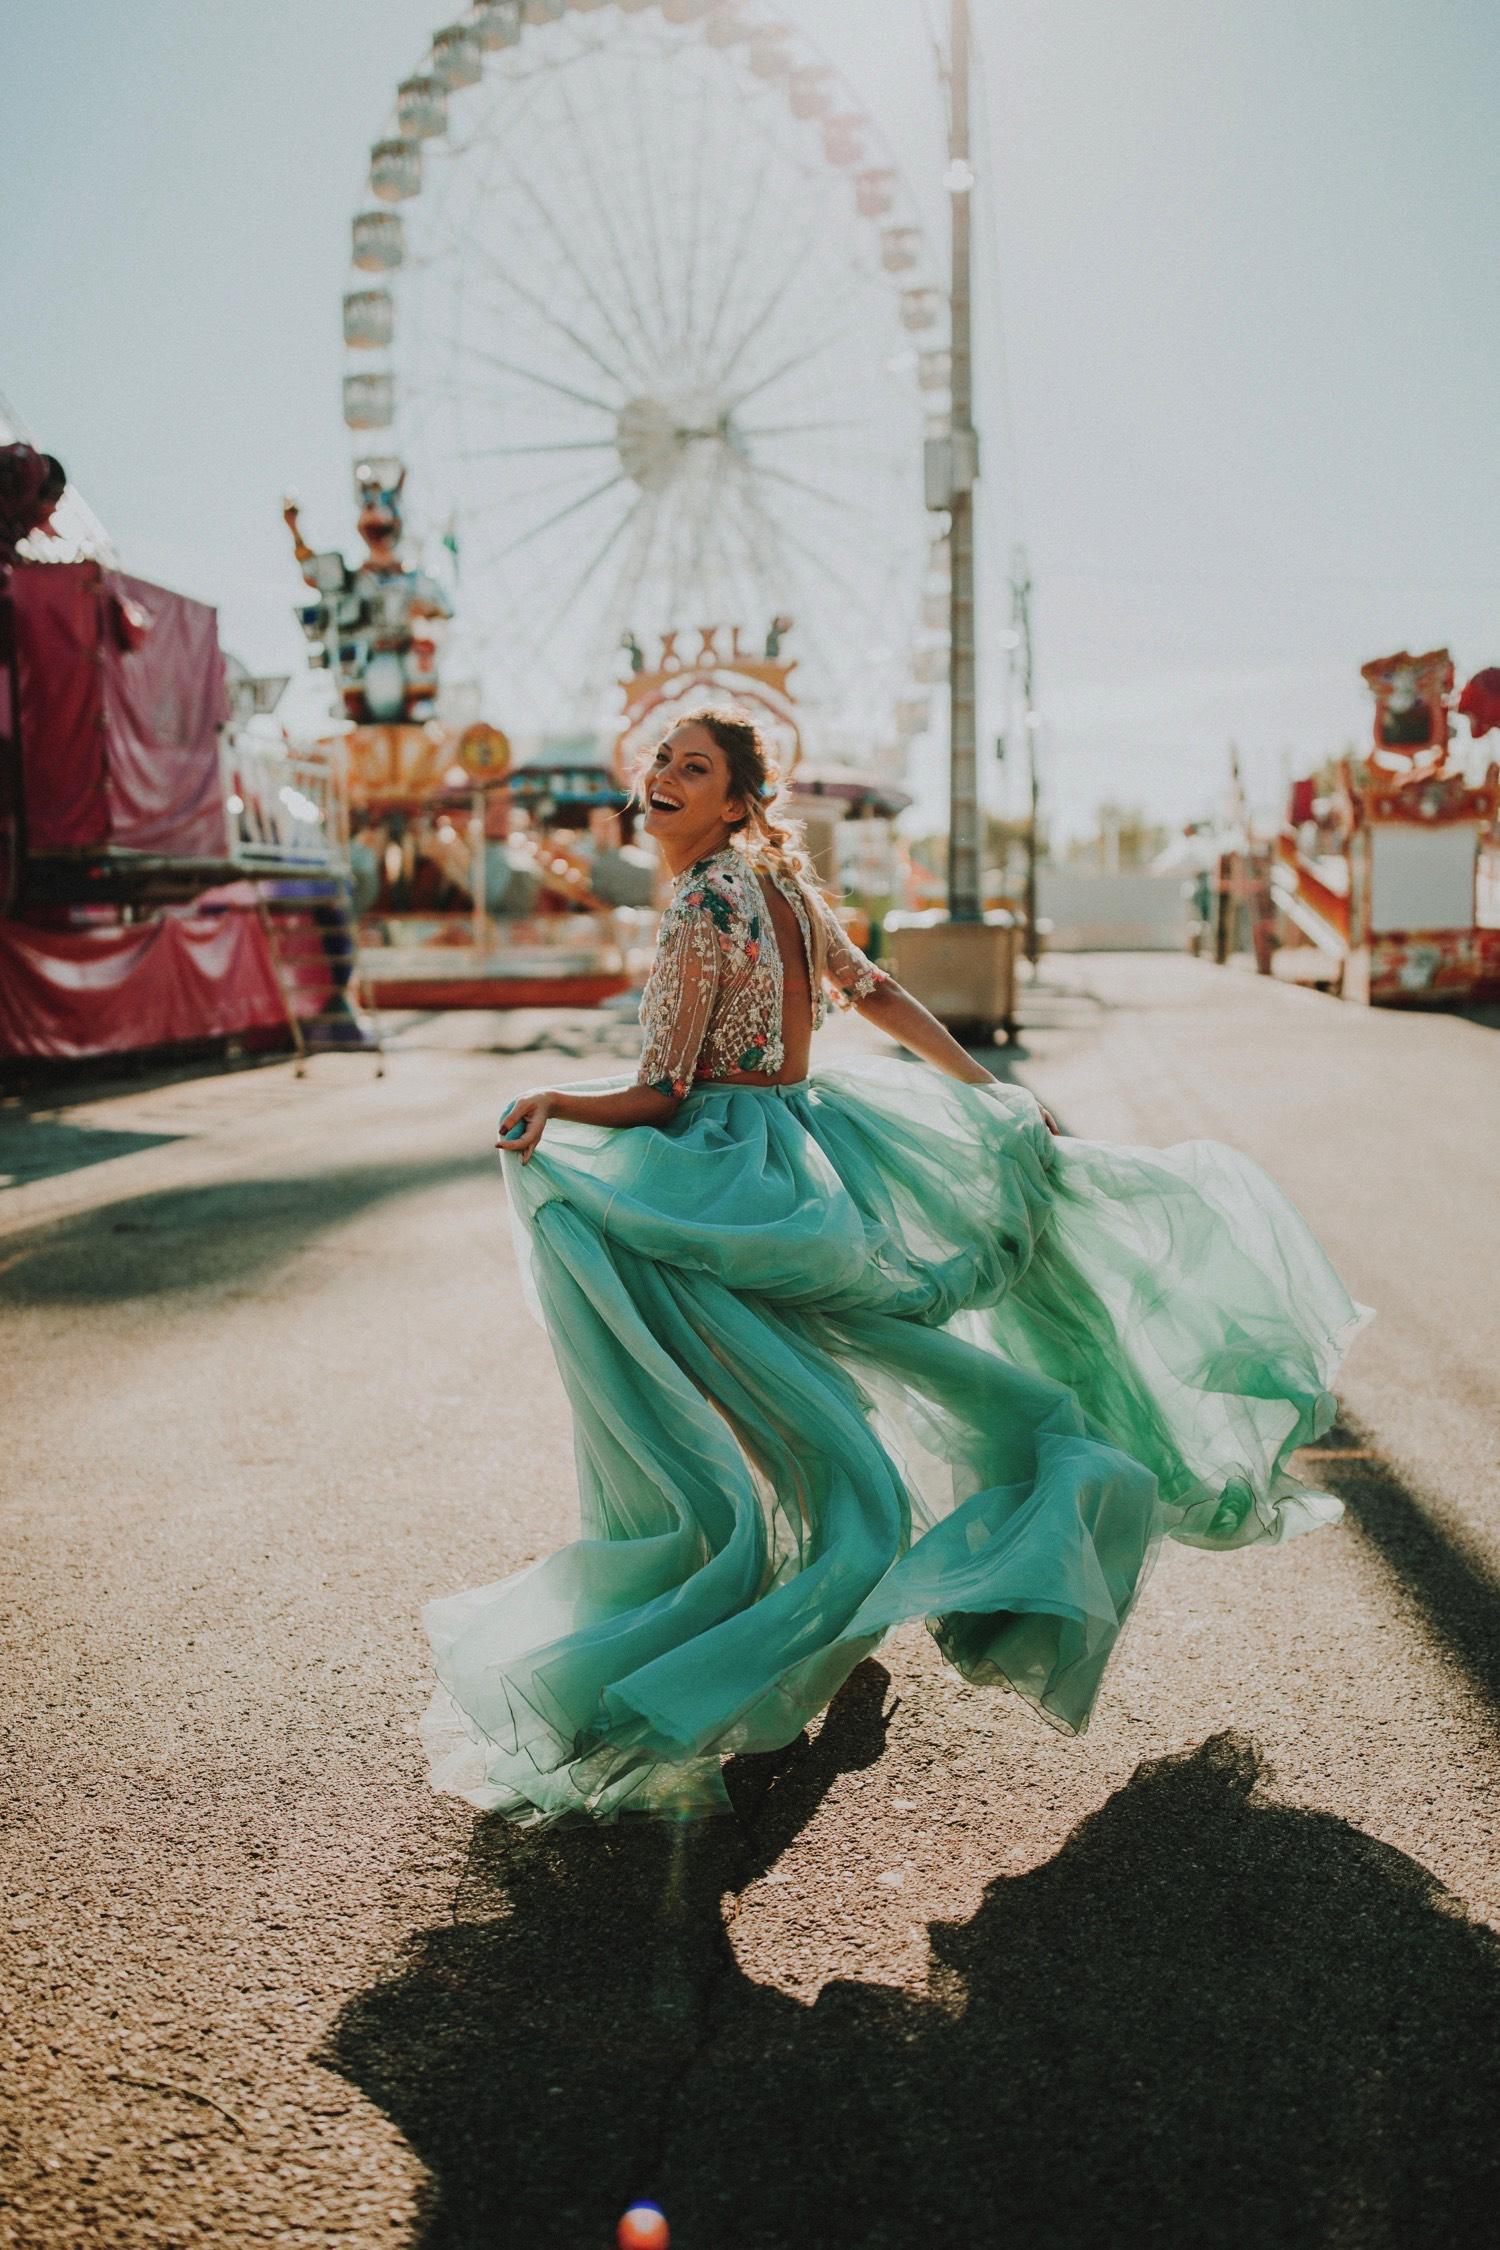 ernestovillalba-aliciarueda-bridalada-wedding-0328-ASE_feria_sevilla_bridalada_feriadeabril_weddingdress_aliciaruedaaltacostura_aliciarueda_moda_scalextric_parque_fashion_atracciones_de.jpg